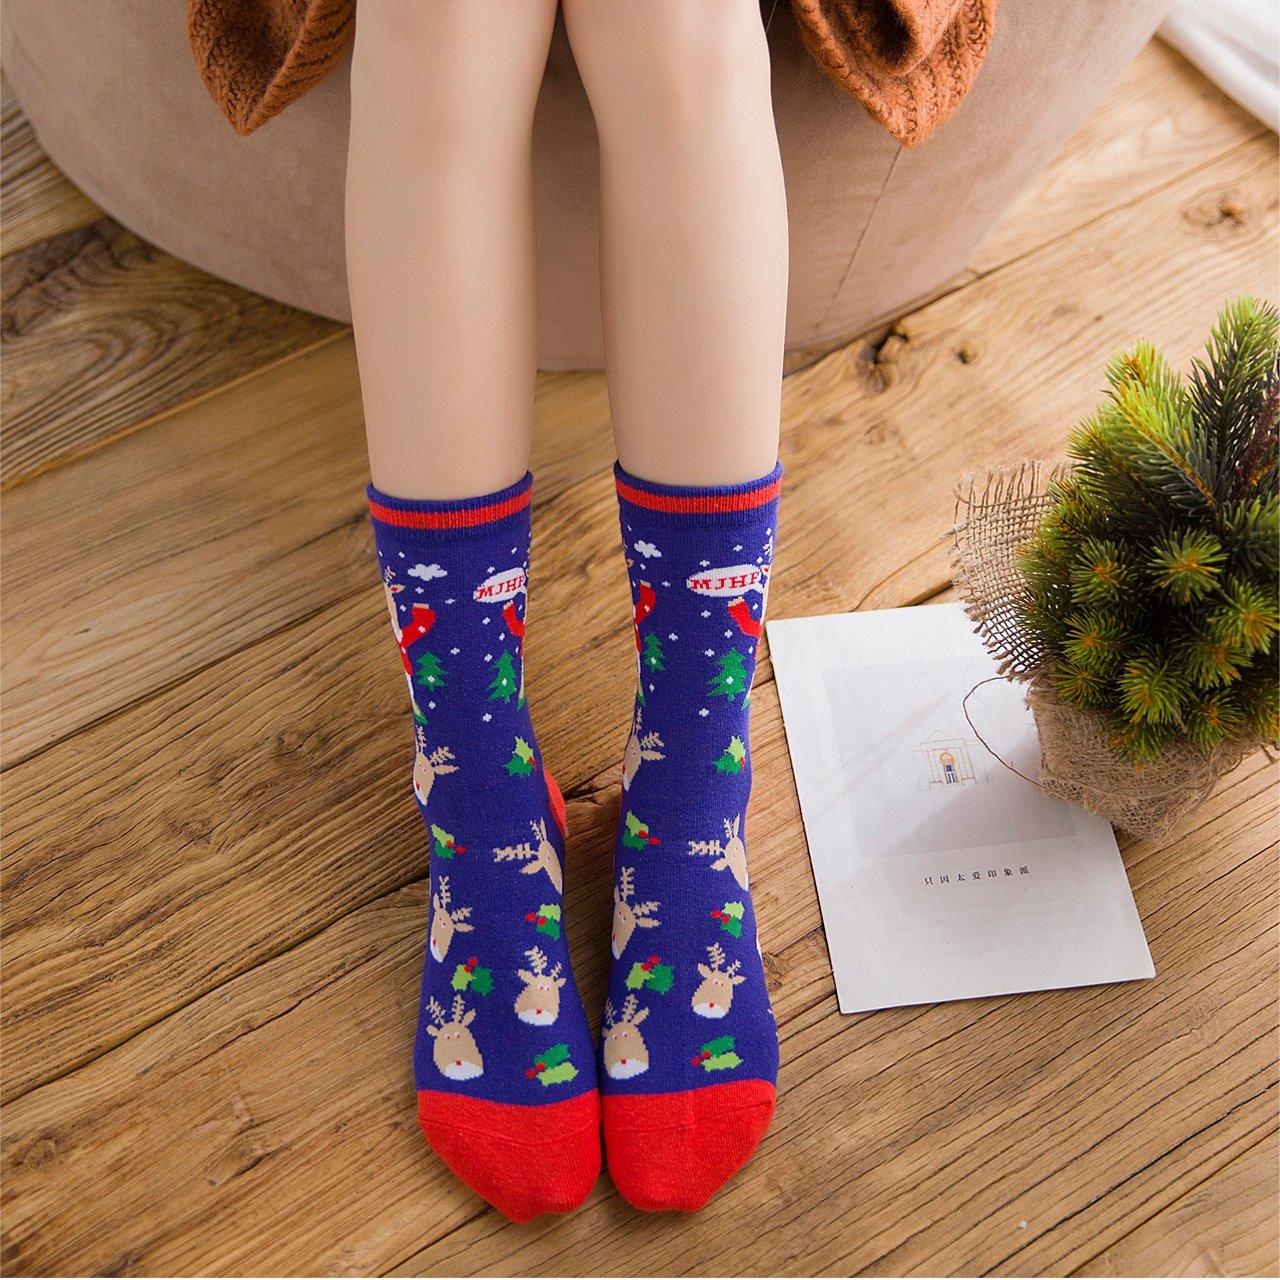 CHIC DIARY 5 Pairs Women Girls Christmas Holiday Stocking Socks With Gift Box (Gift box #03(01&02))